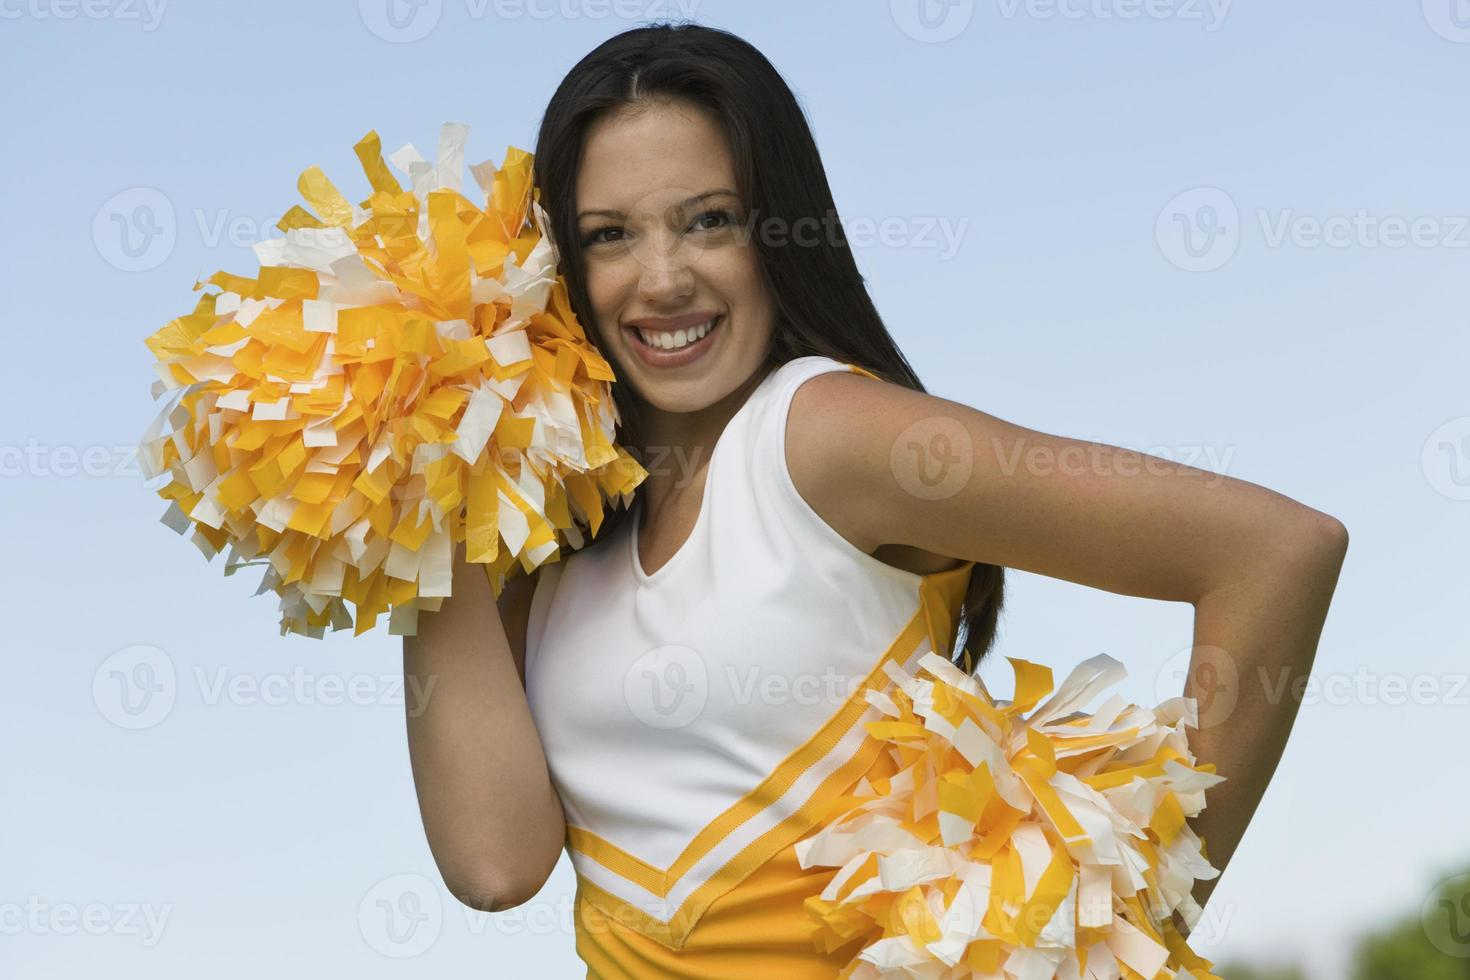 Cheerleaderin bereitet sich auf Jubel vor foto